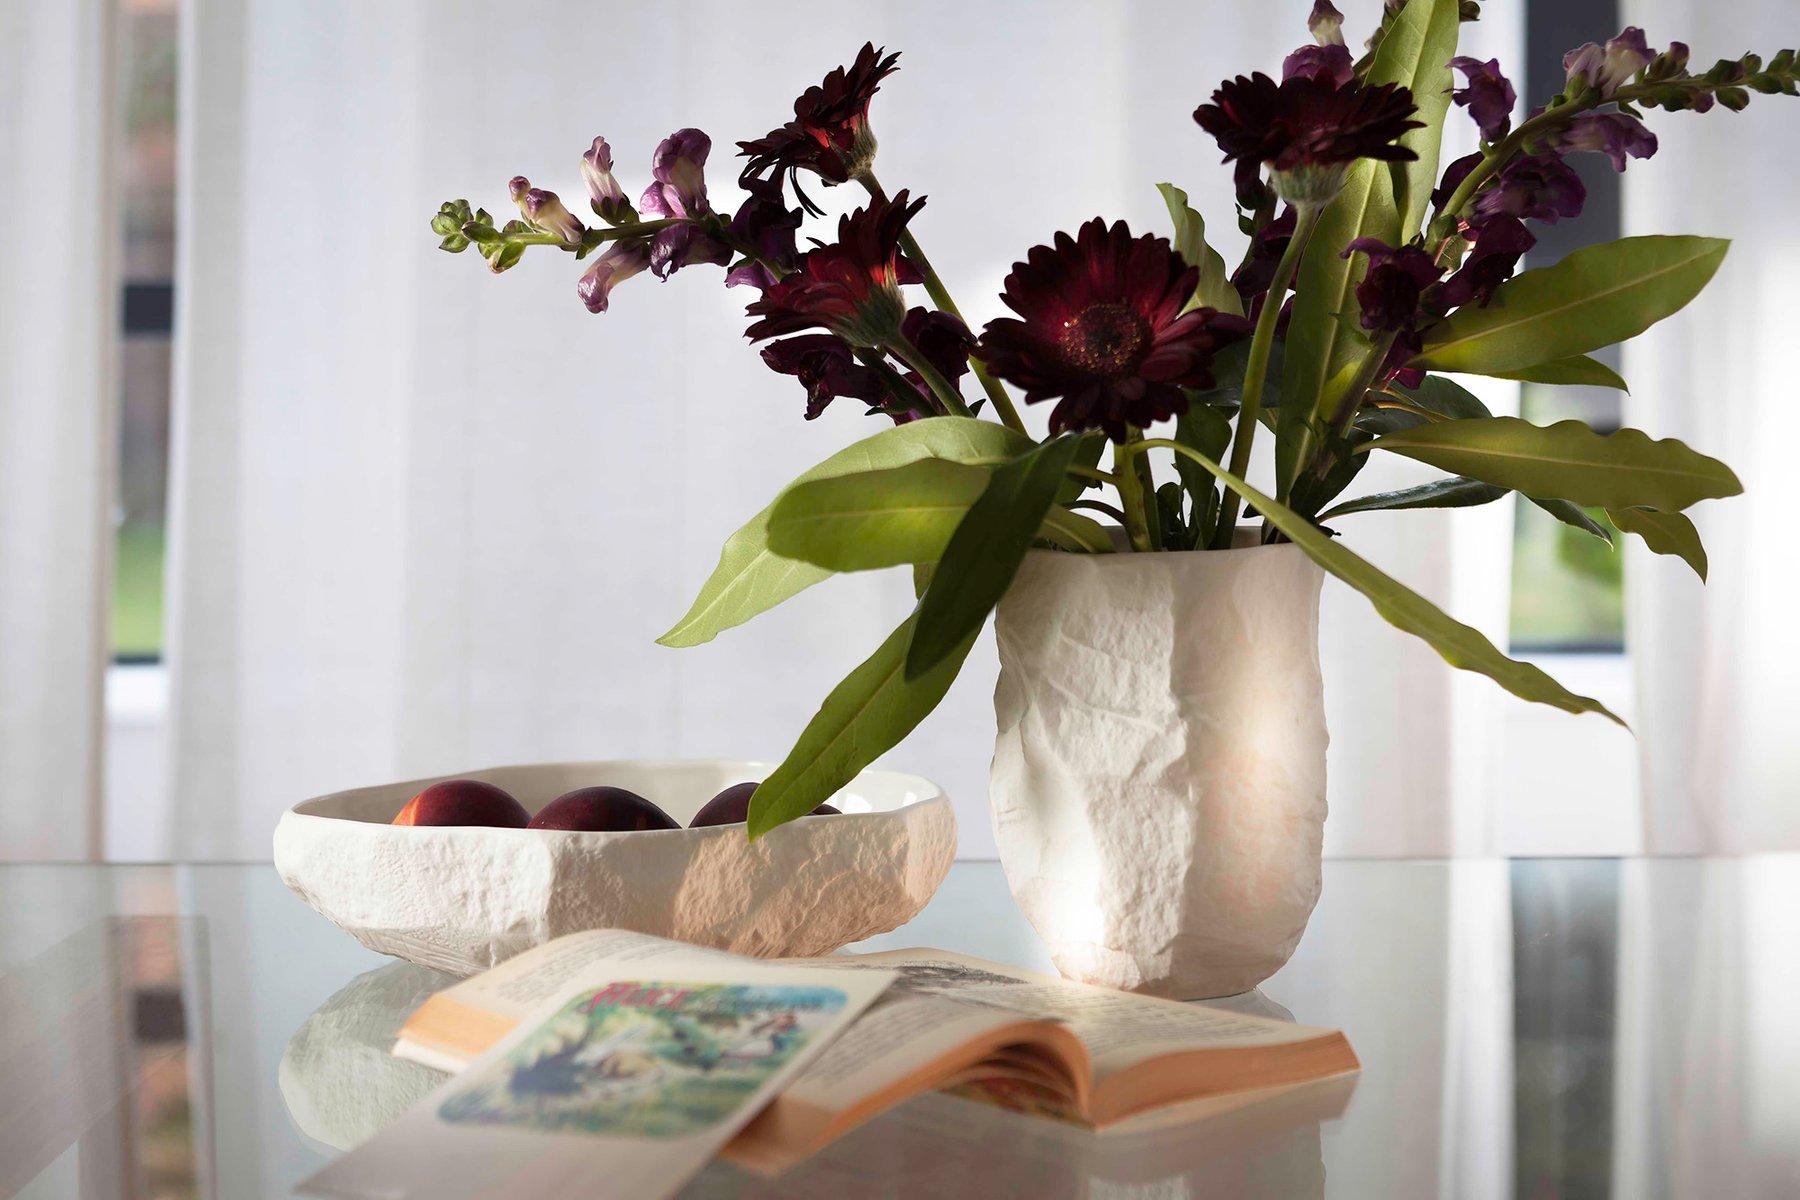 gro e flache schale aus der crockery reihe von max lamb f r 1882 ltd bei pamono kaufen. Black Bedroom Furniture Sets. Home Design Ideas